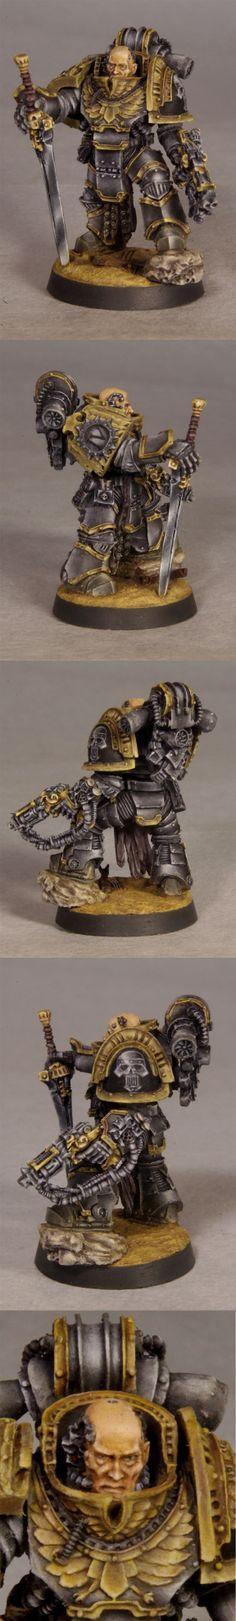 Iron Warriors legion praetor by weirdboy